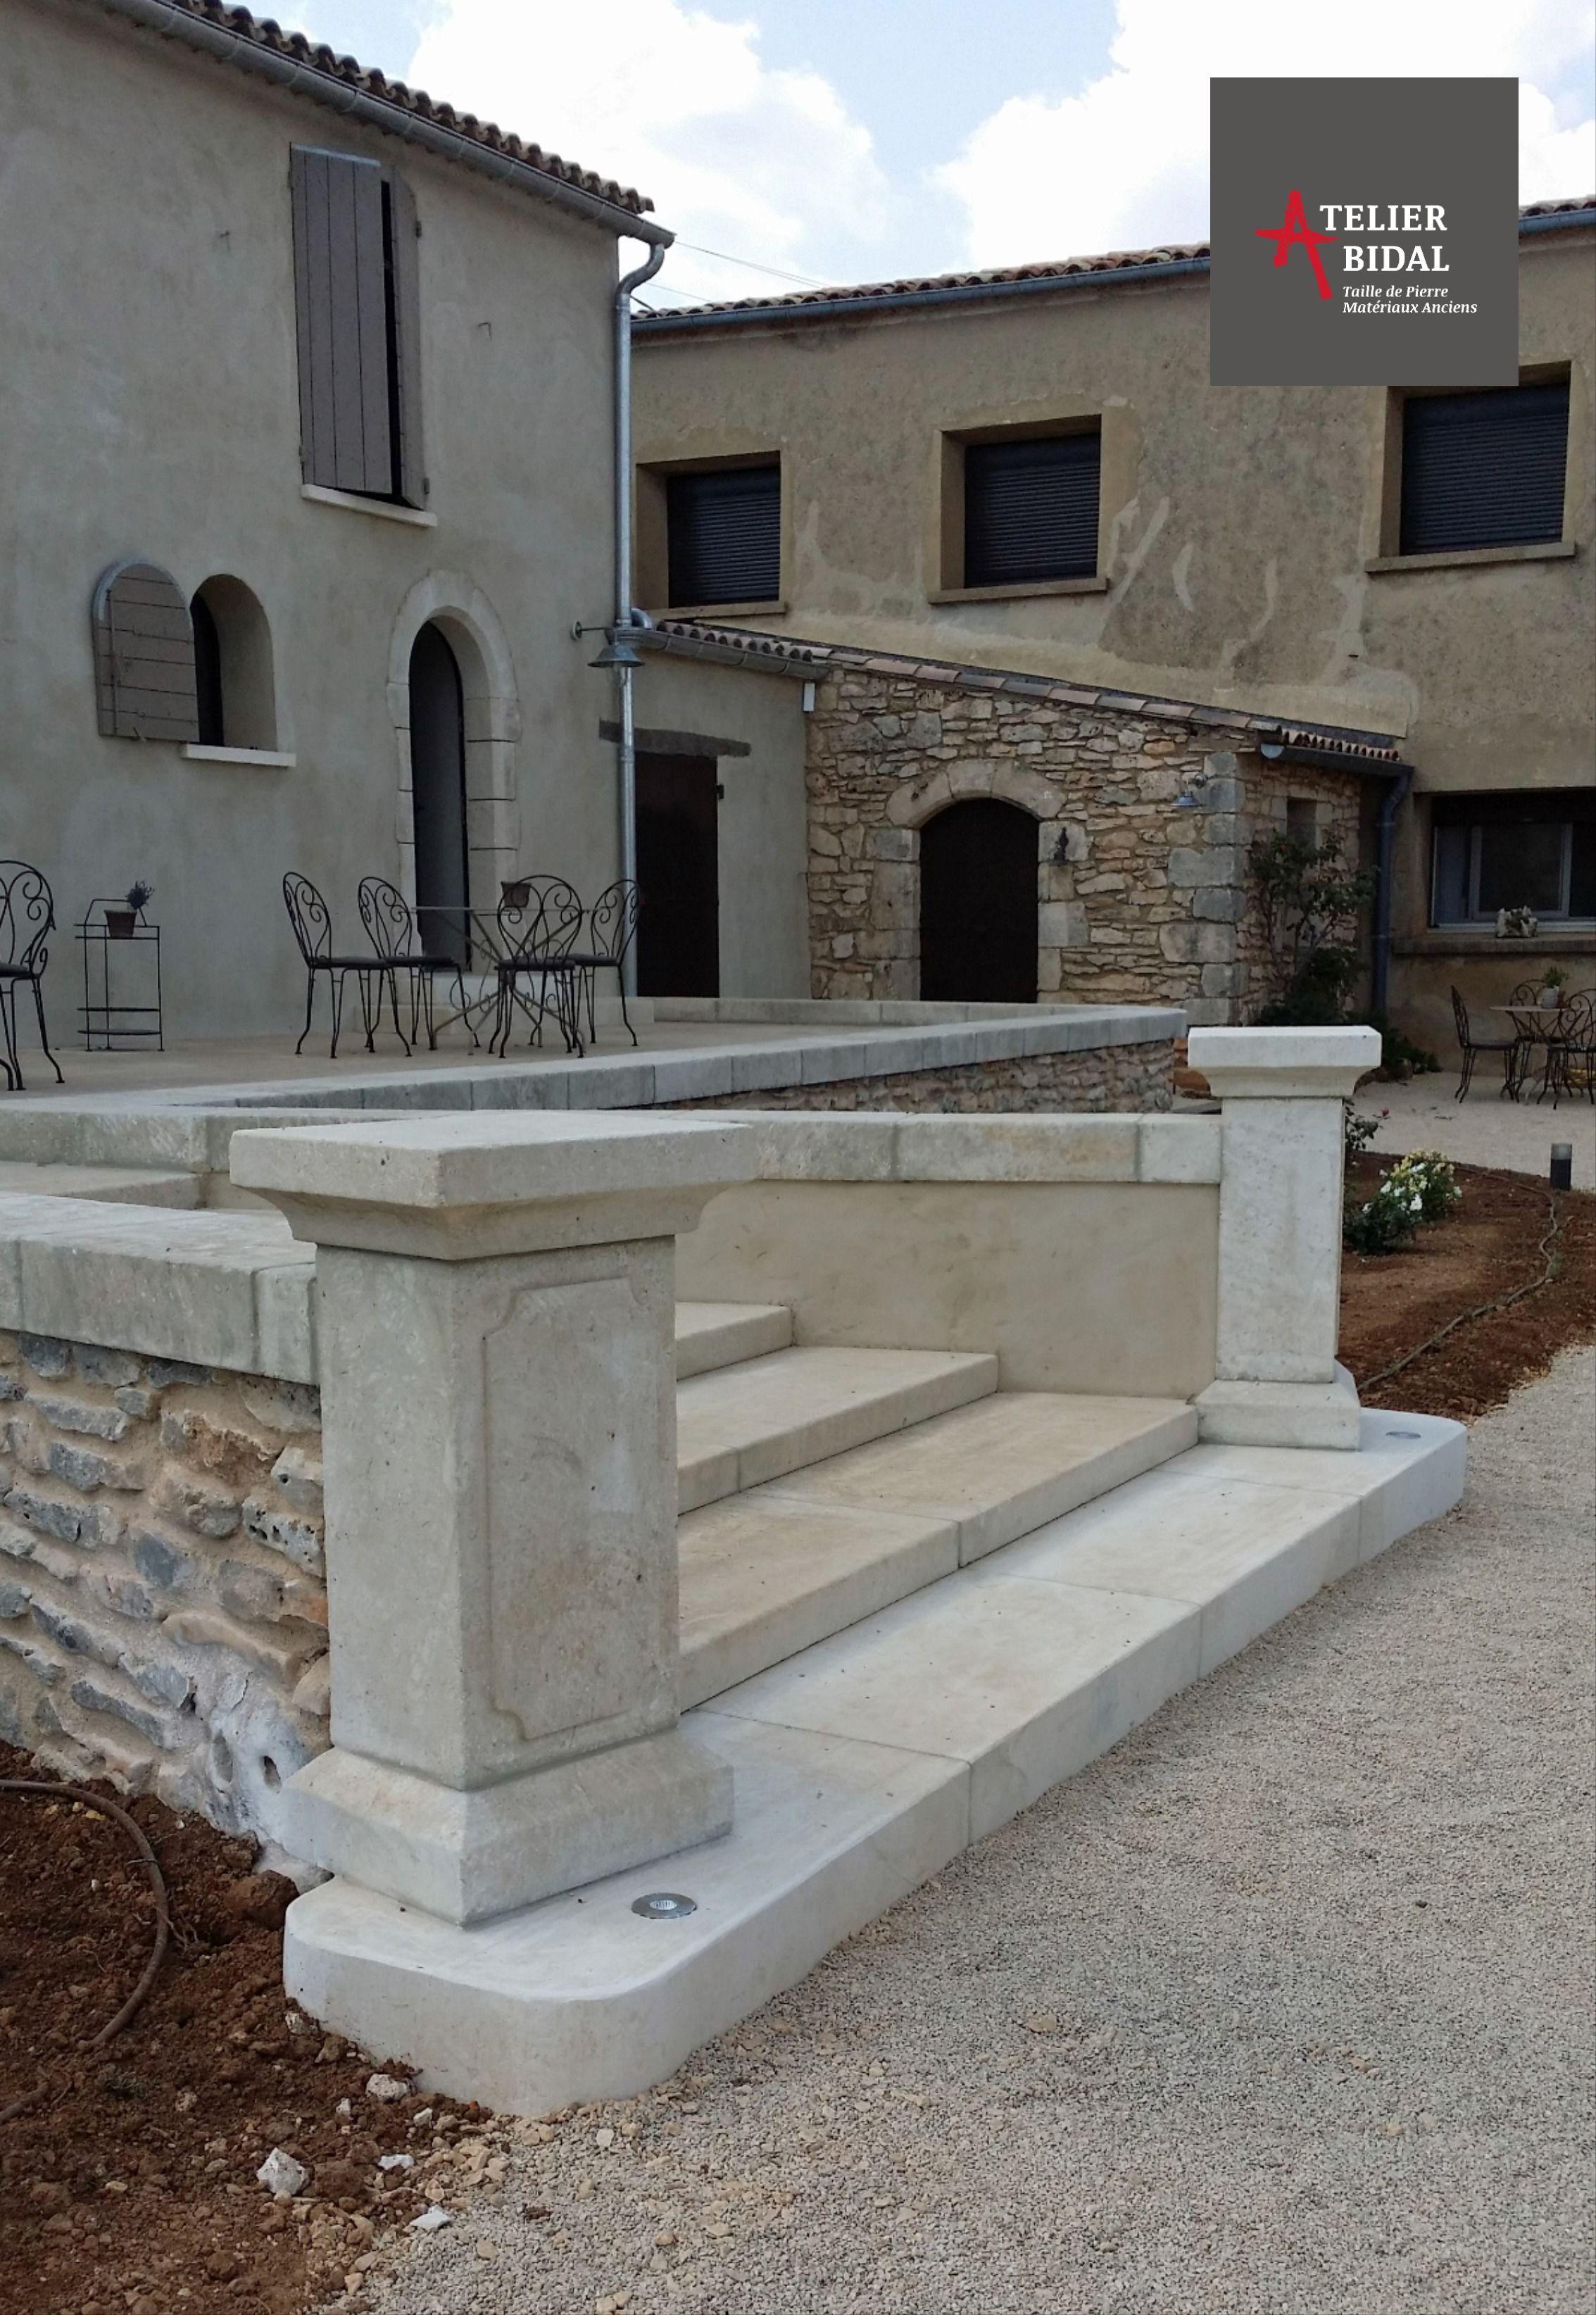 Escalier Et Balustrade En Pierre De Fabrication Artisanale Atelier Alain Bidal Tailleur De Pierre Escalier En Pierre Escalier Parement Pierre Exterieur